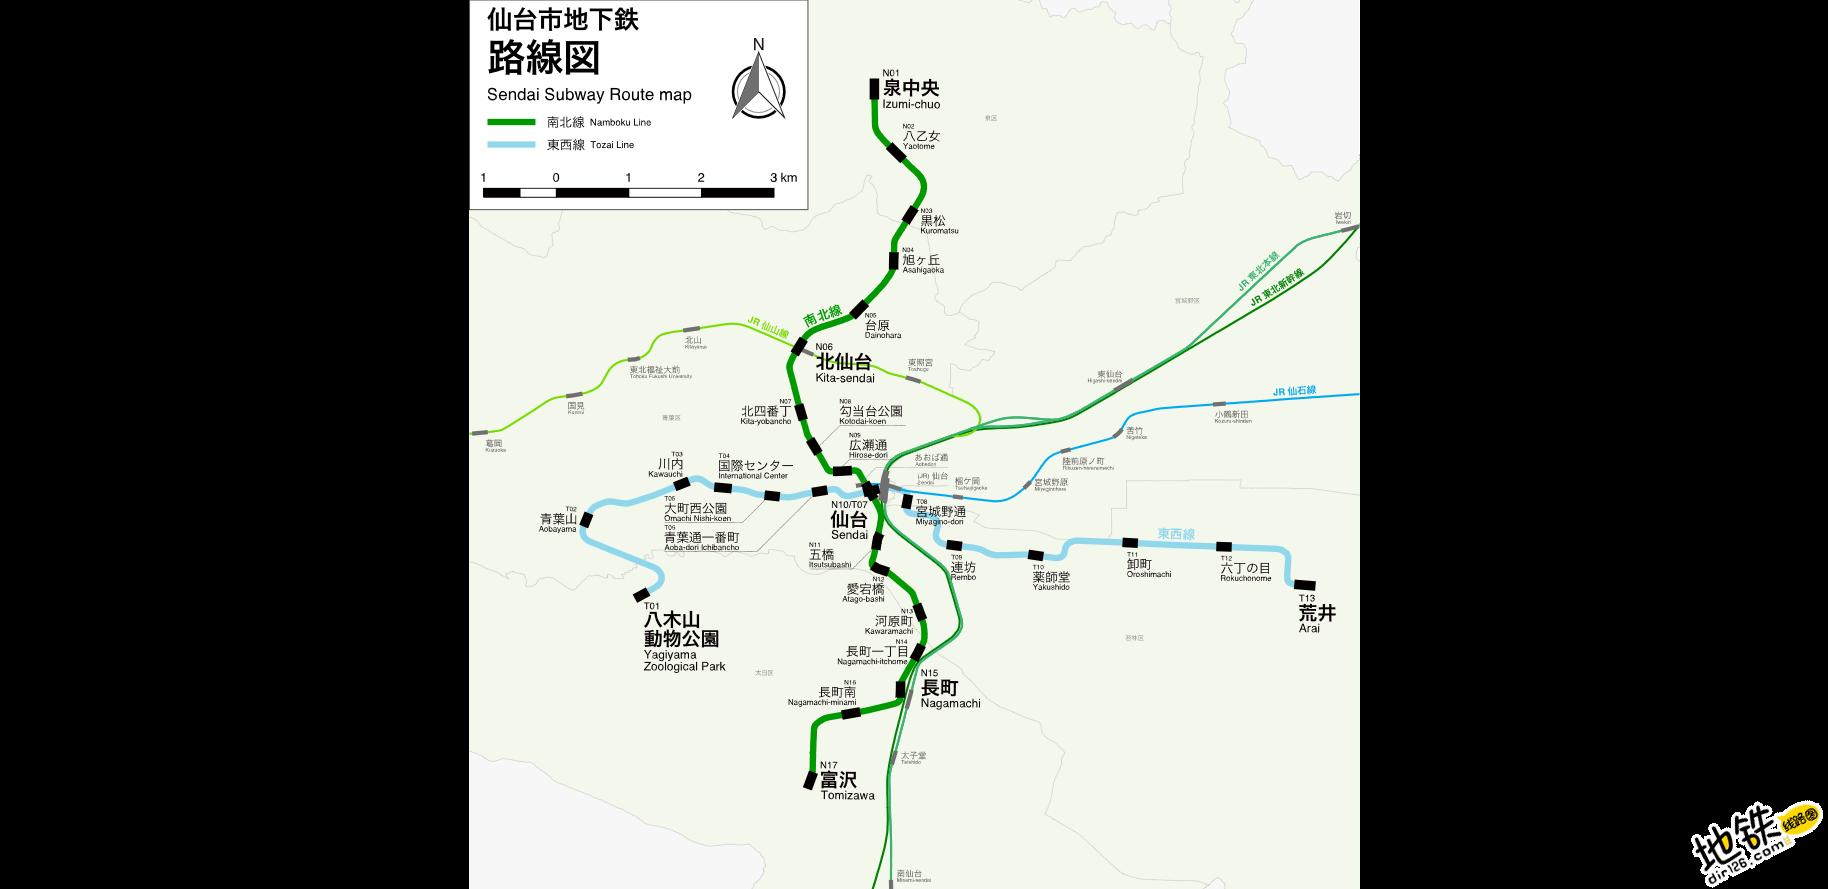 日本仙台市营地铁线路图_运营时间票价站点_查询下载 日本地铁线路图 第2张